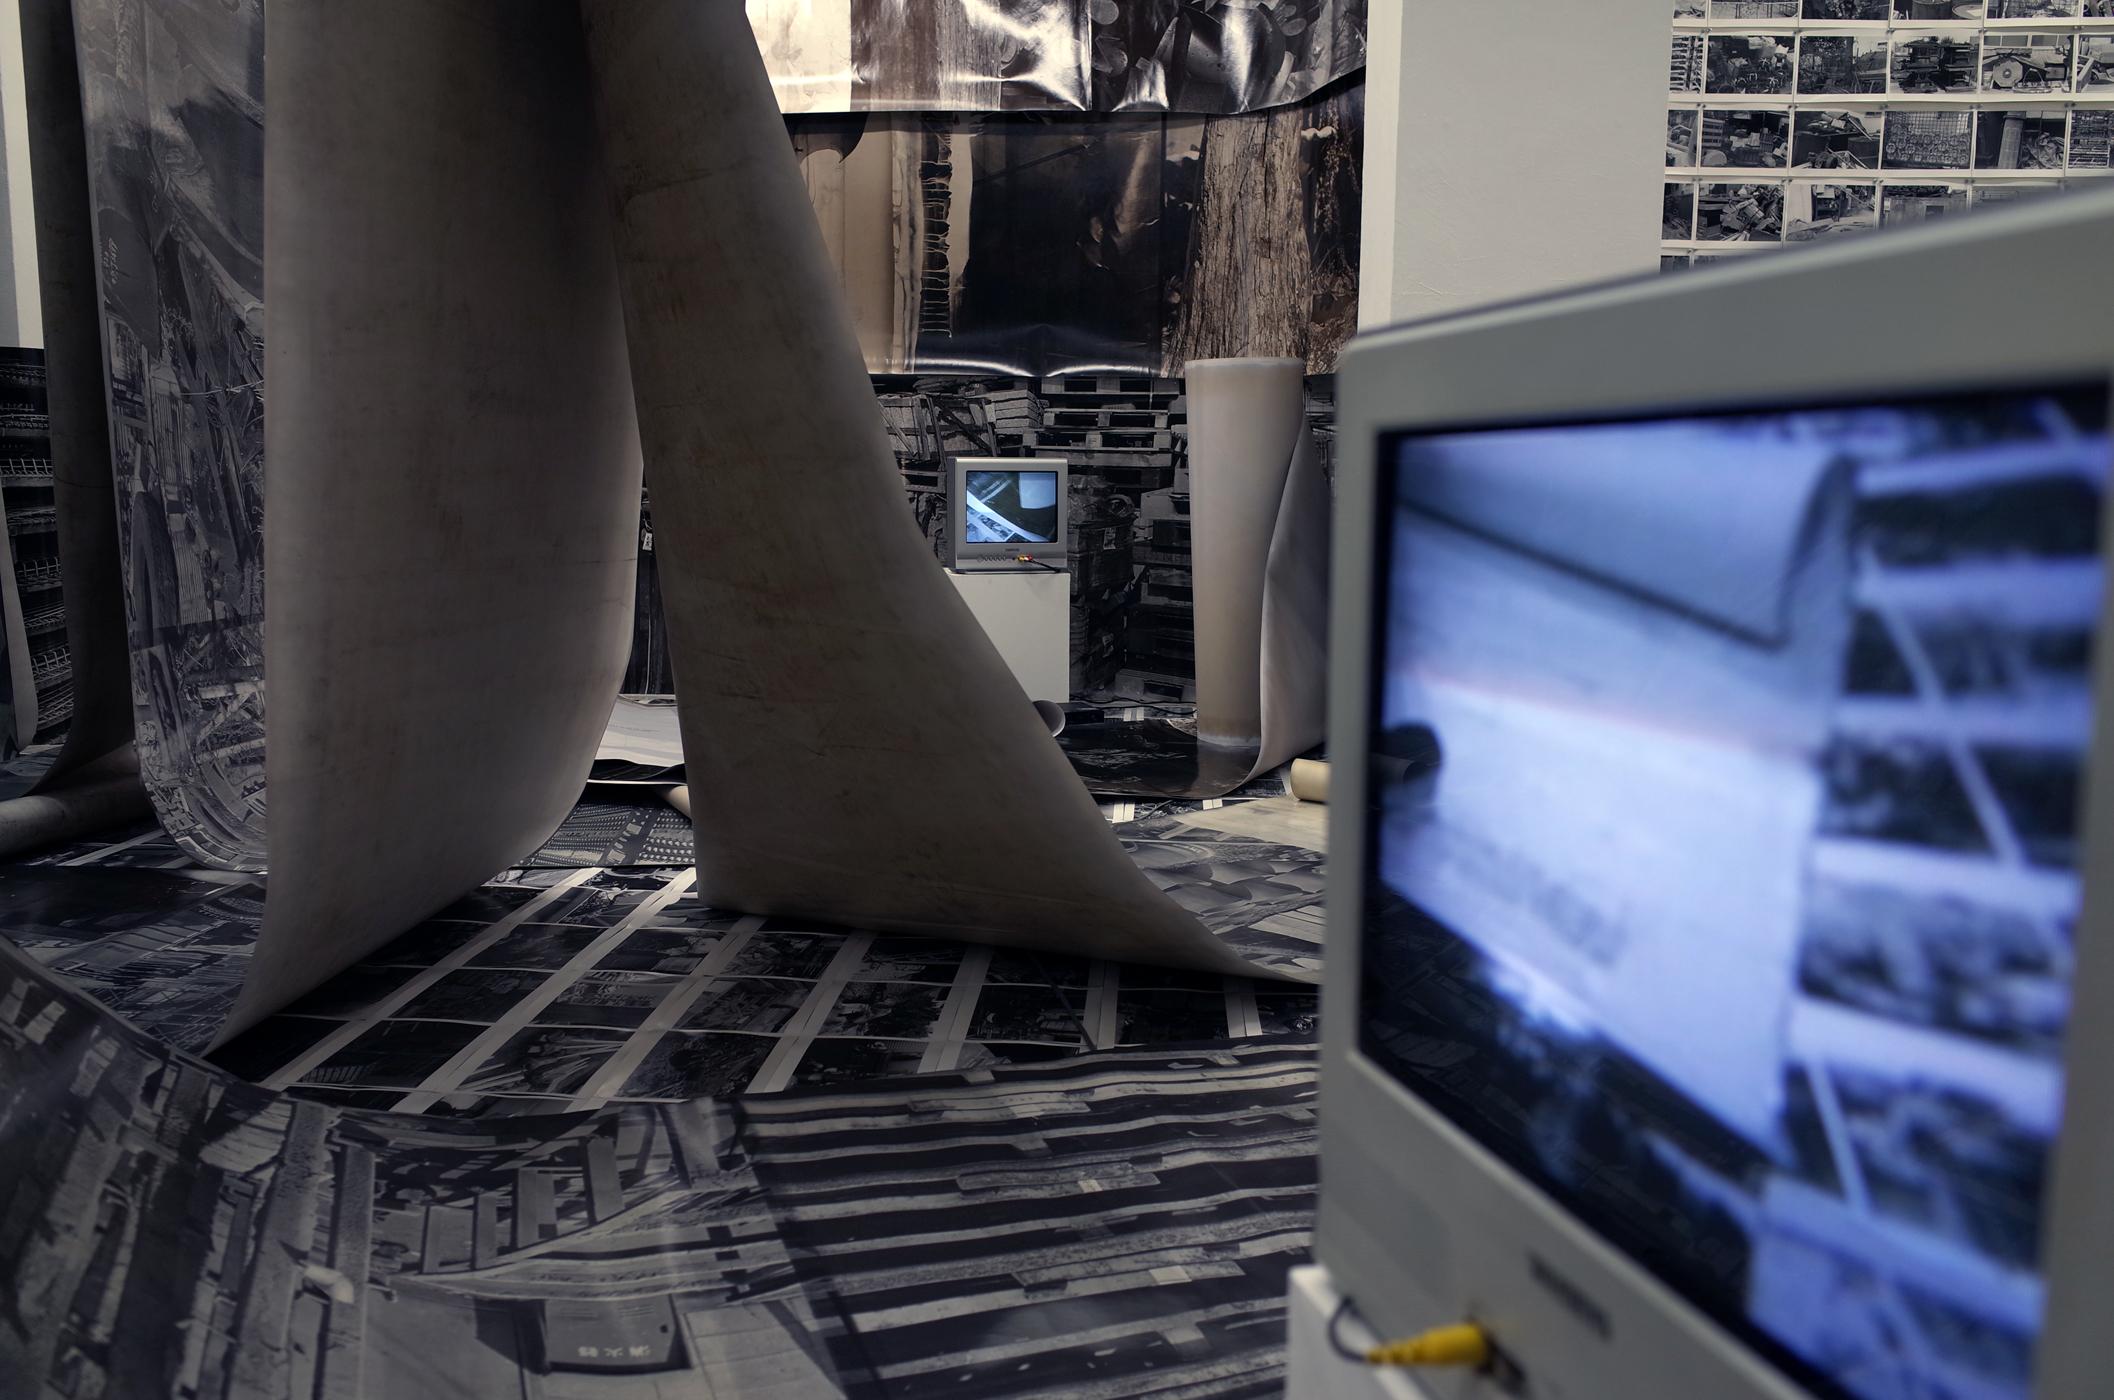 小松浩子のモノクロ写真ワークショップ